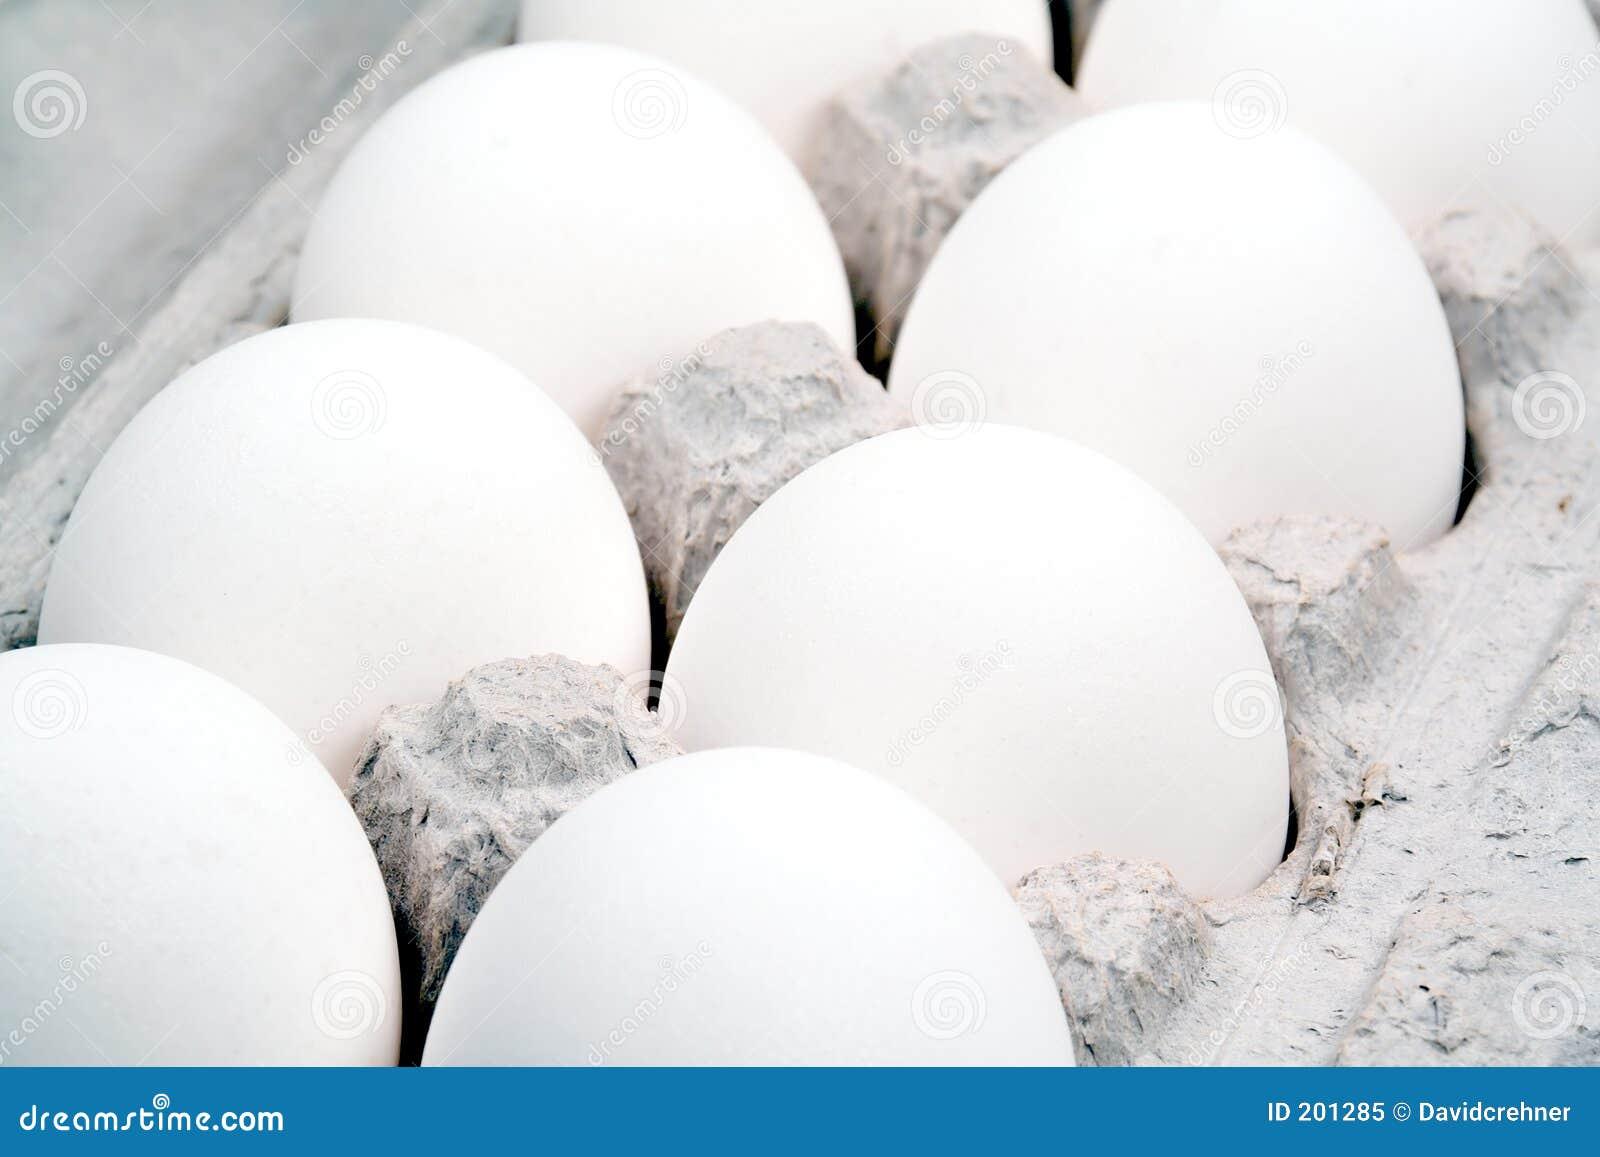 Extreme closeup of a dozen eggs